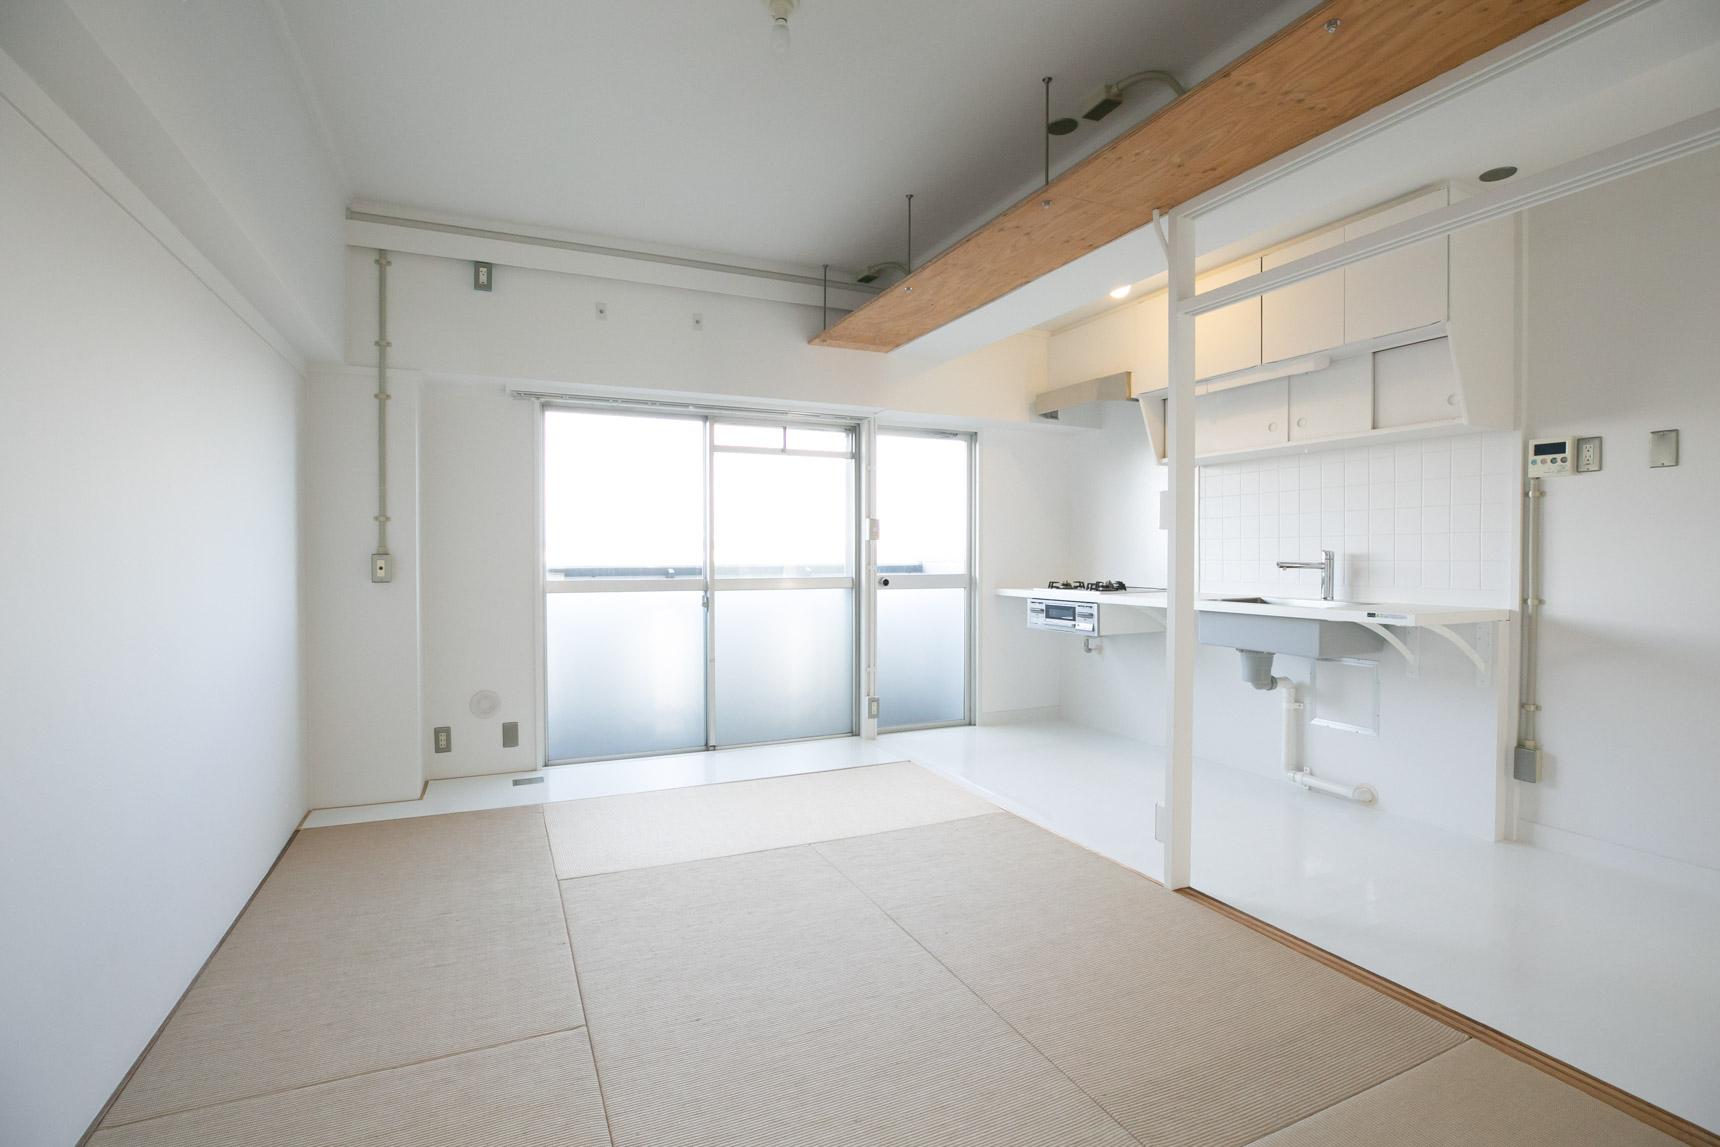 こちらが、千代が丘につくられた「MUJI×UR団地リノベーションプロジェクト」のお部屋のうちの1部屋。1LDKタイプ、63.51㎡のお部屋です。